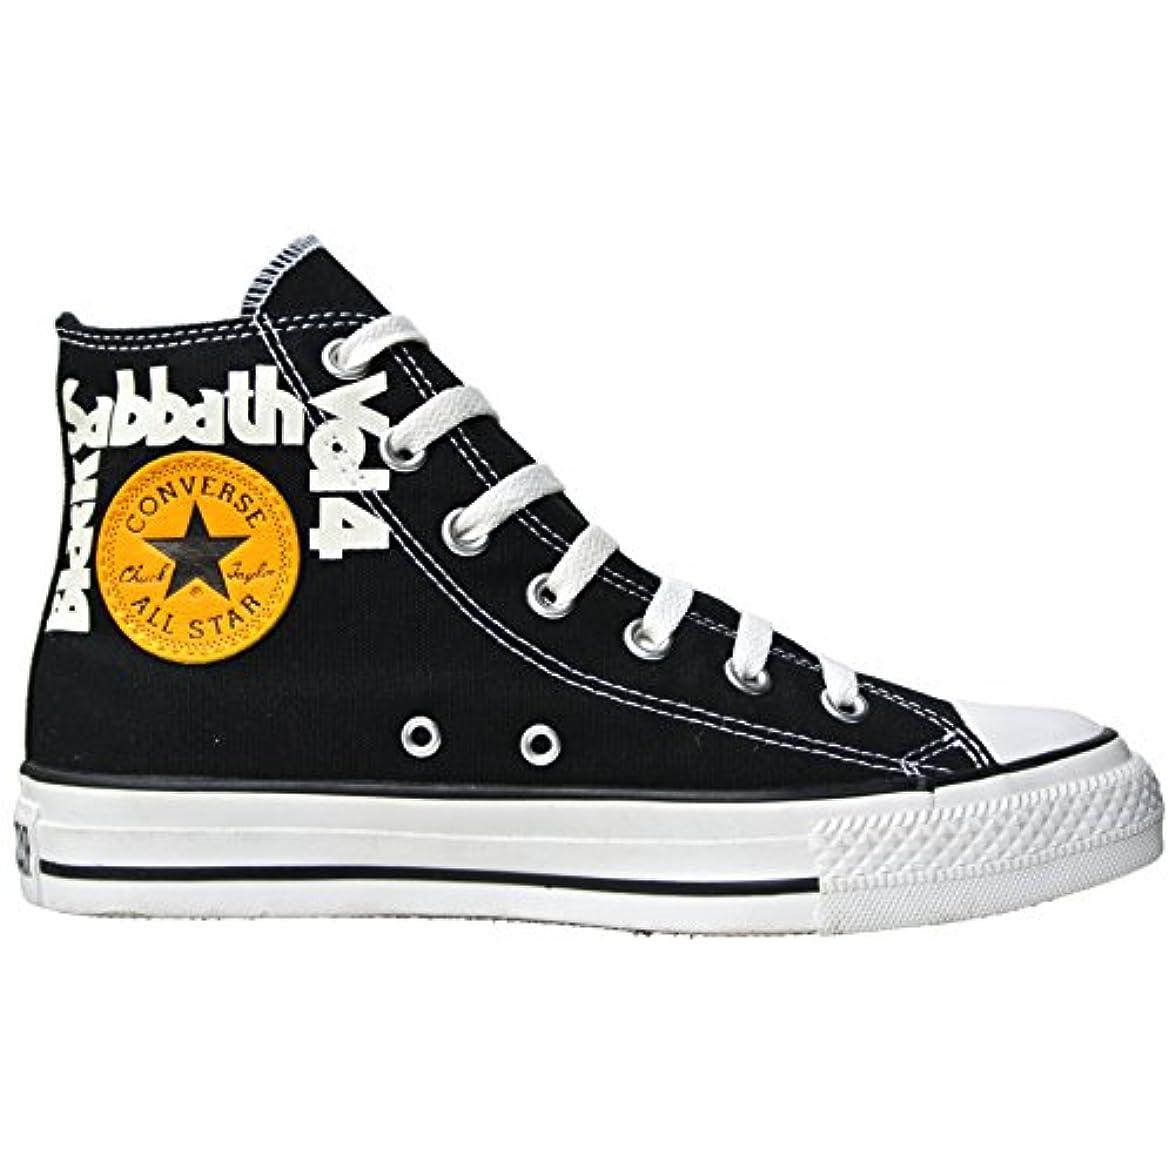 Converse All Star Chucks Eu 38 Uk 5 5 Black Sabbath Vol 4 – Ozzy Osbourne Limited Edition Numero Di Ordine 107188